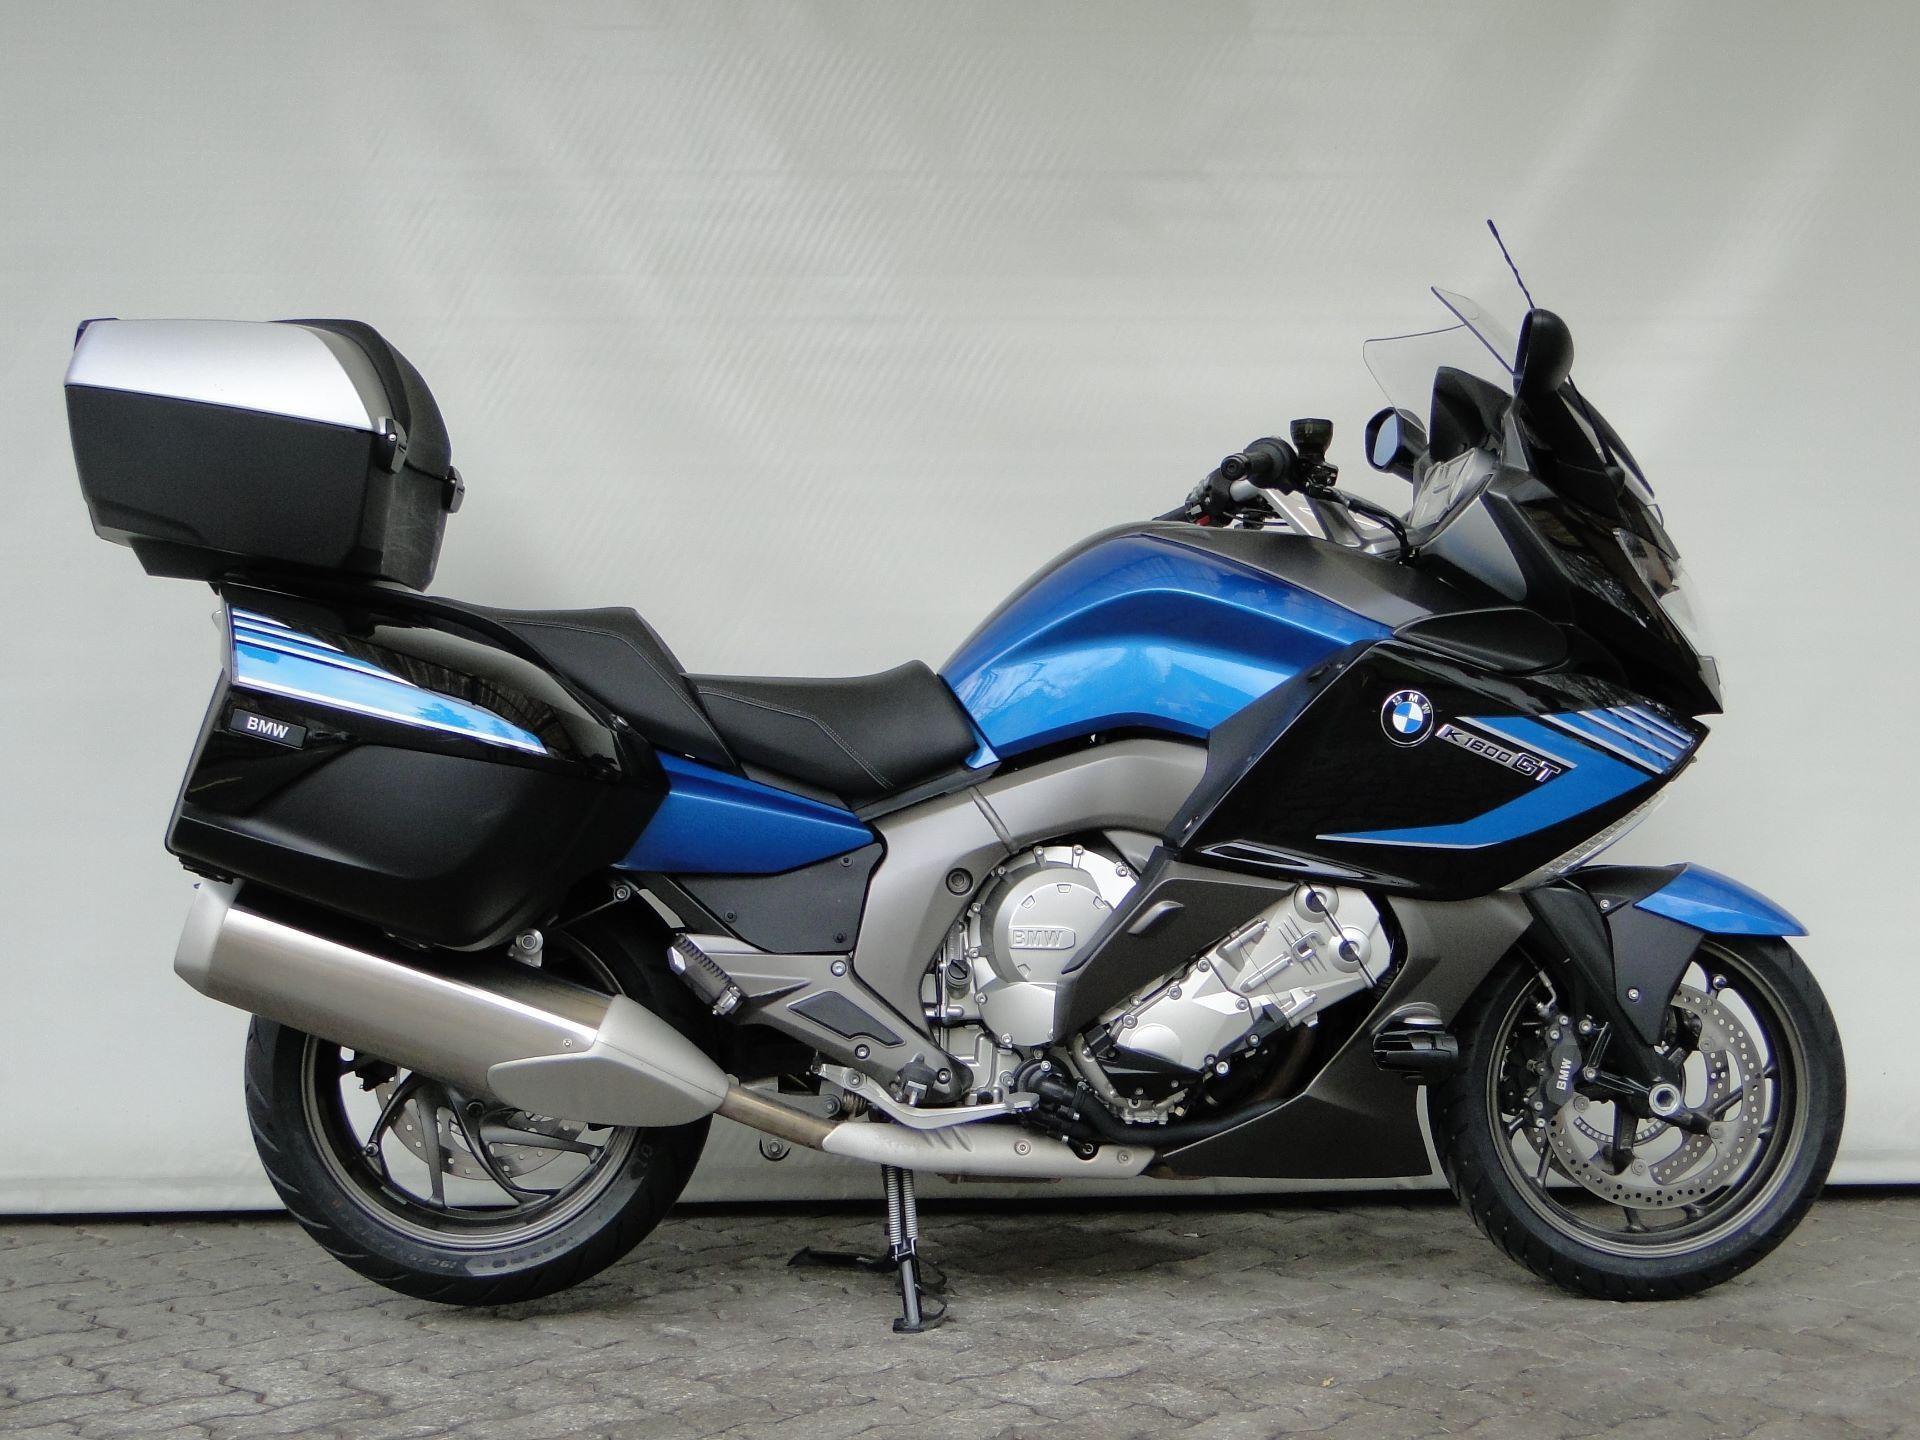 moto occasions acheter bmw k 1600 gt abs sport sondermodell hobi moto ag winterthur. Black Bedroom Furniture Sets. Home Design Ideas